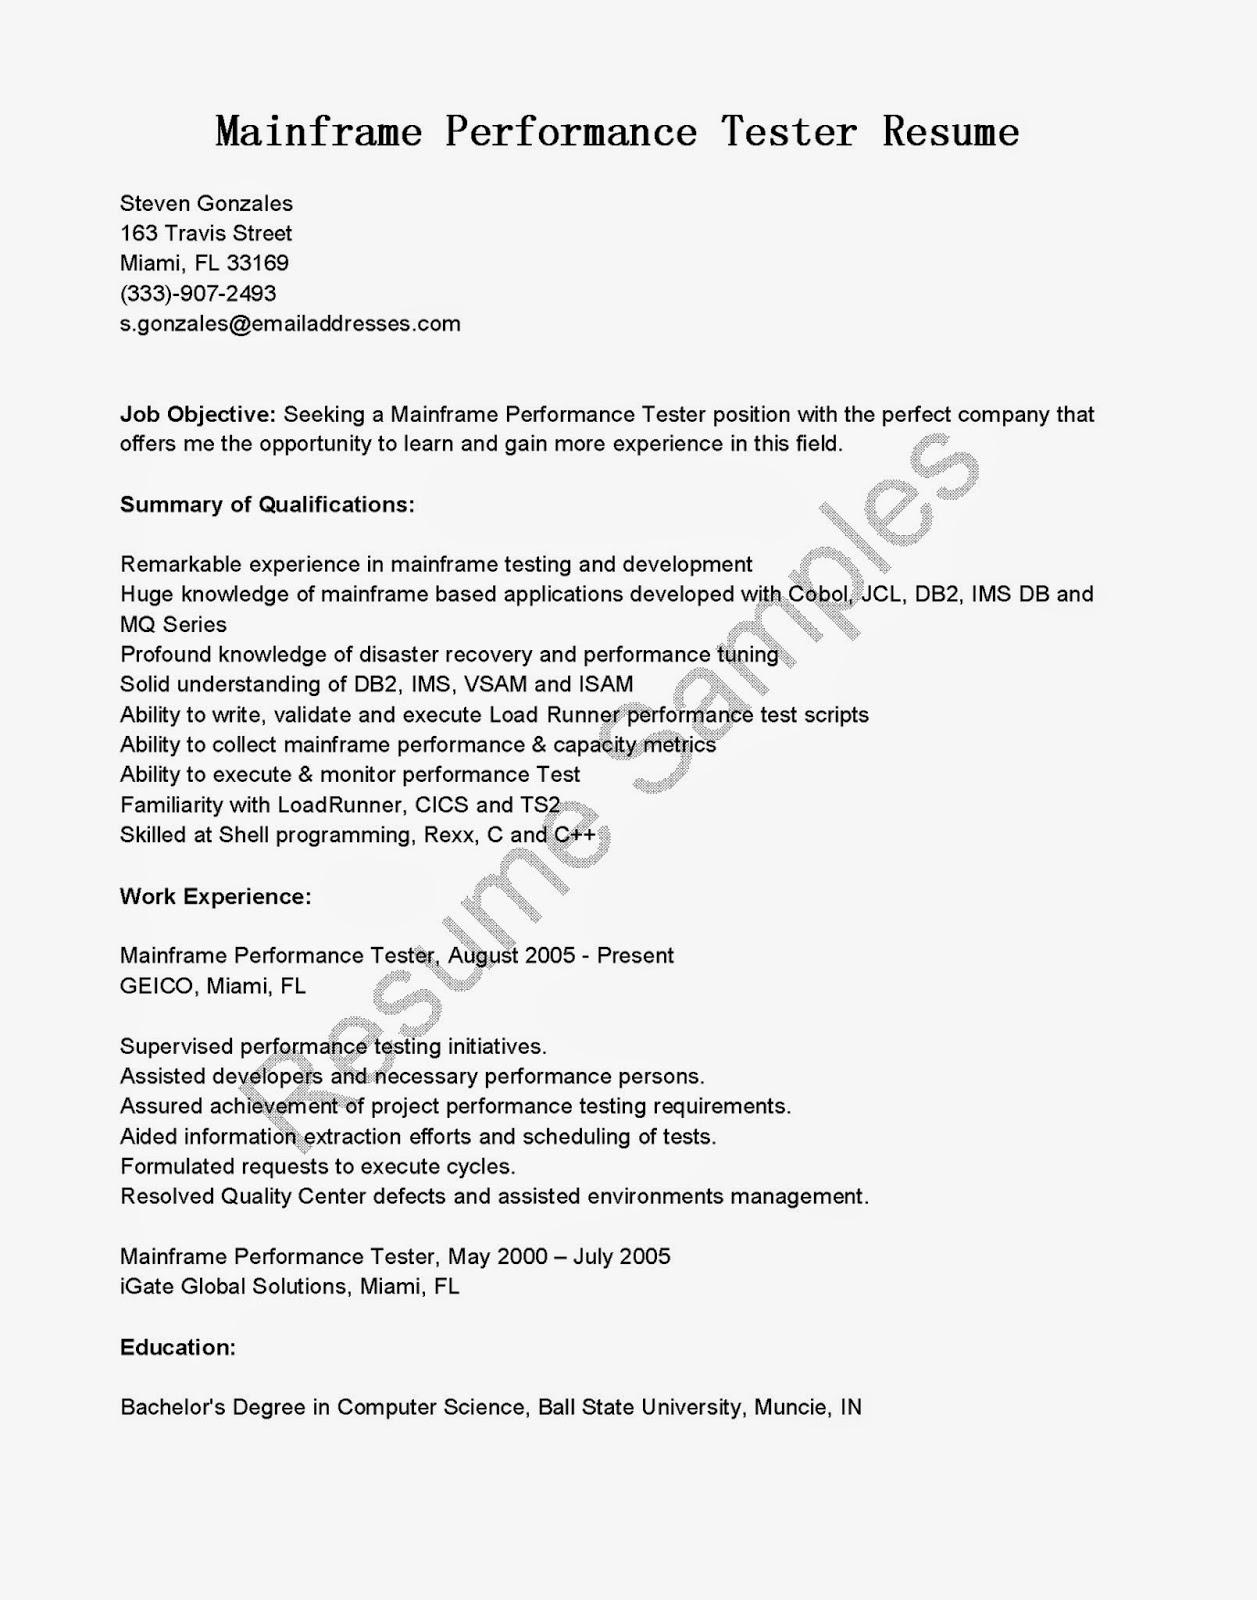 Mainframe Performance Tester Cover Letter - Cover Letter ...